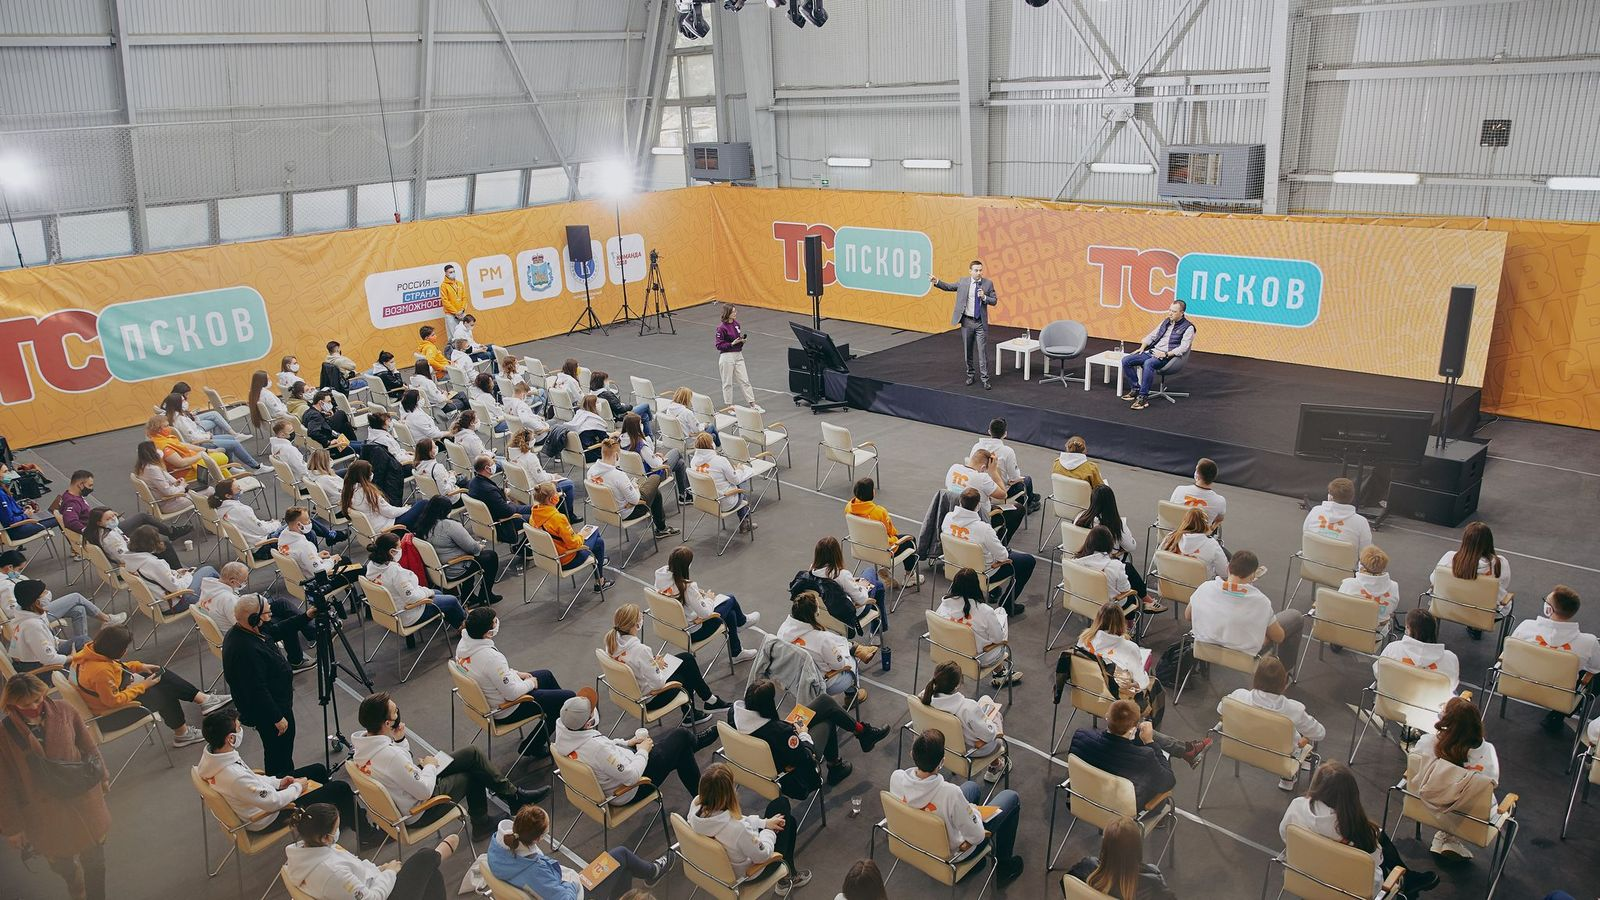 Фото: пресс-служба Всероссийского молодёжного образовательного форума «Территория смыслов».